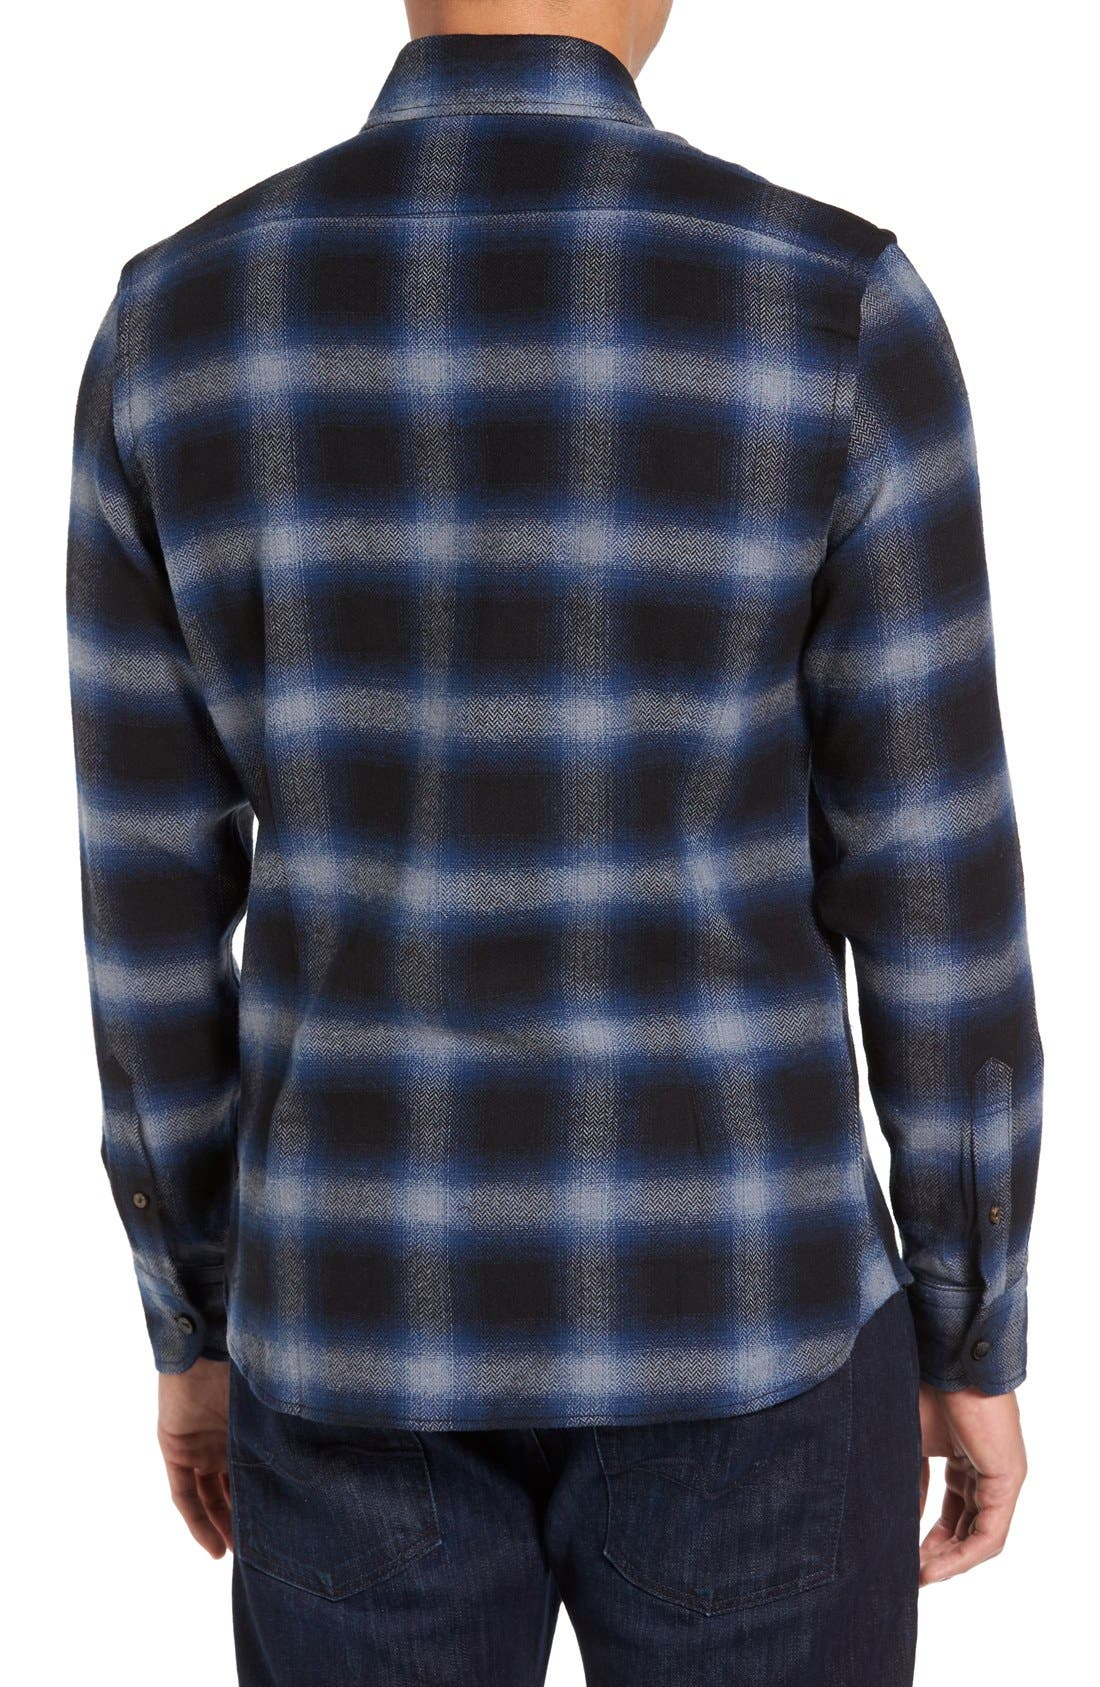 Michael Slim Fit Plaid Flannel Shirt,                             Alternate thumbnail 4, color,                             428